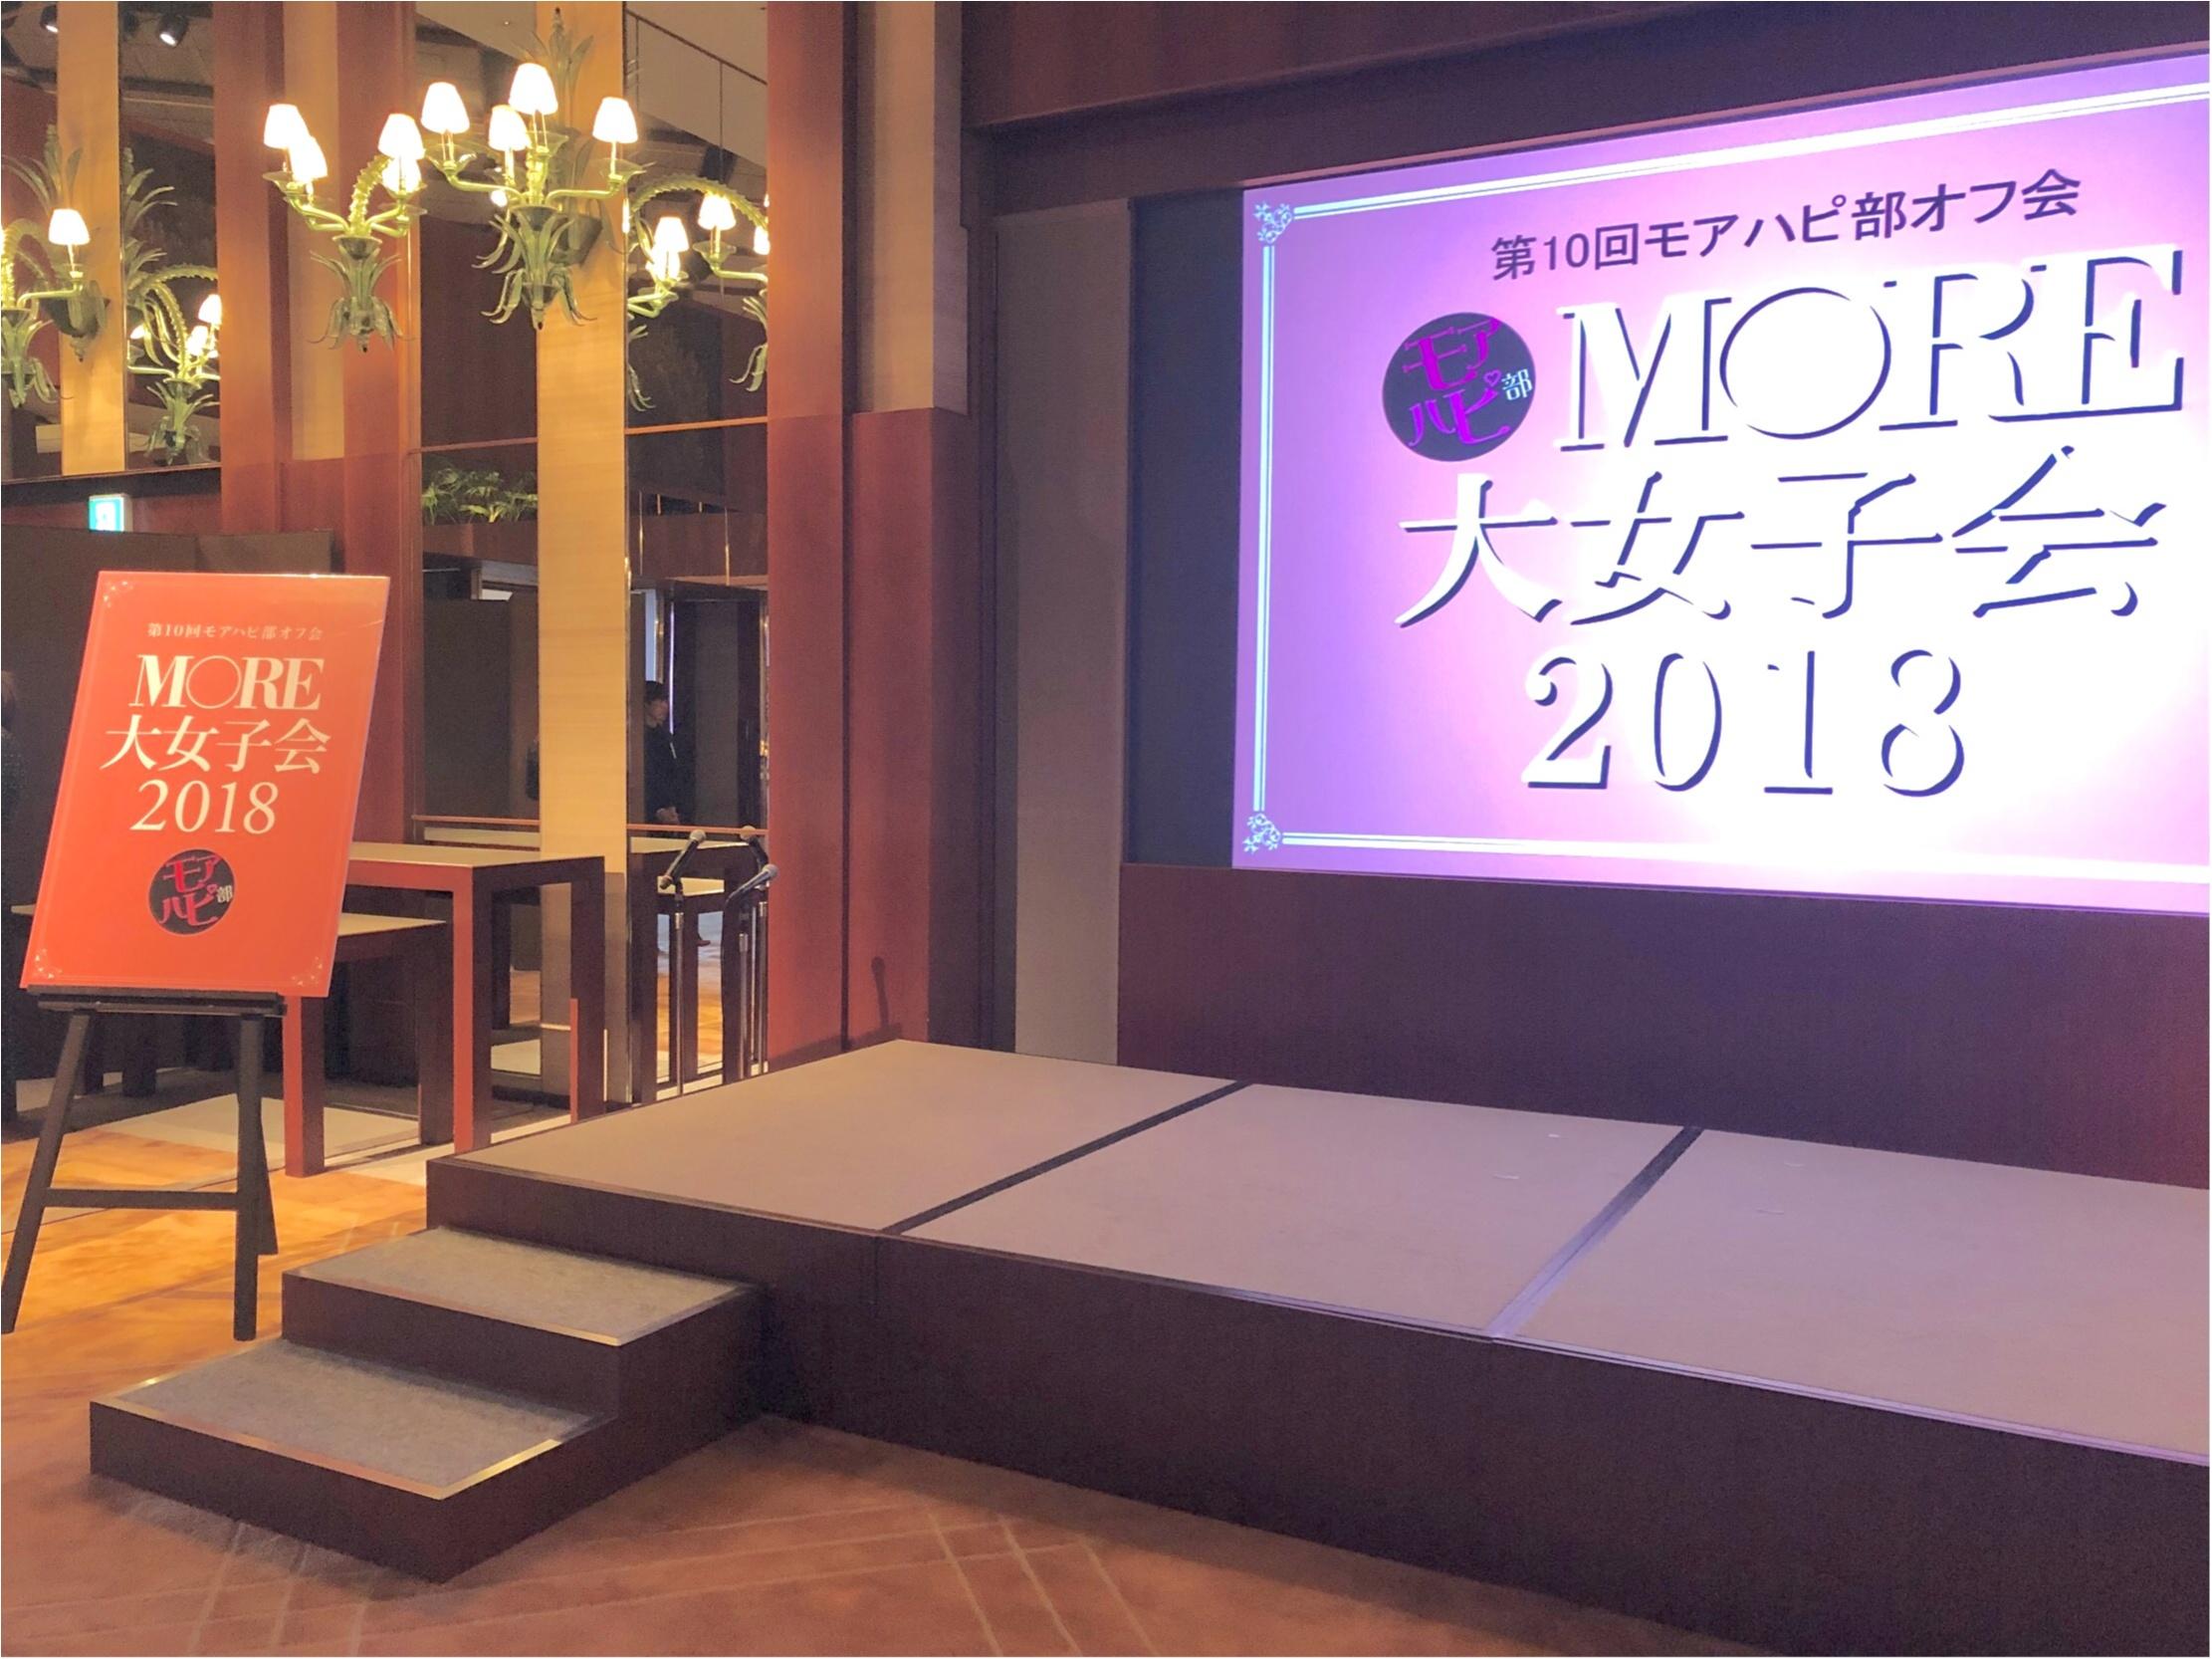 【MORE大女子会♥︎♥︎】年に1度の大イベントにご紹介いただき、行ってきました^^★フォトジェニックなSweetsから、豪華なスペシャルゲスト♡♡みんなと撮った写真も♡♡_1